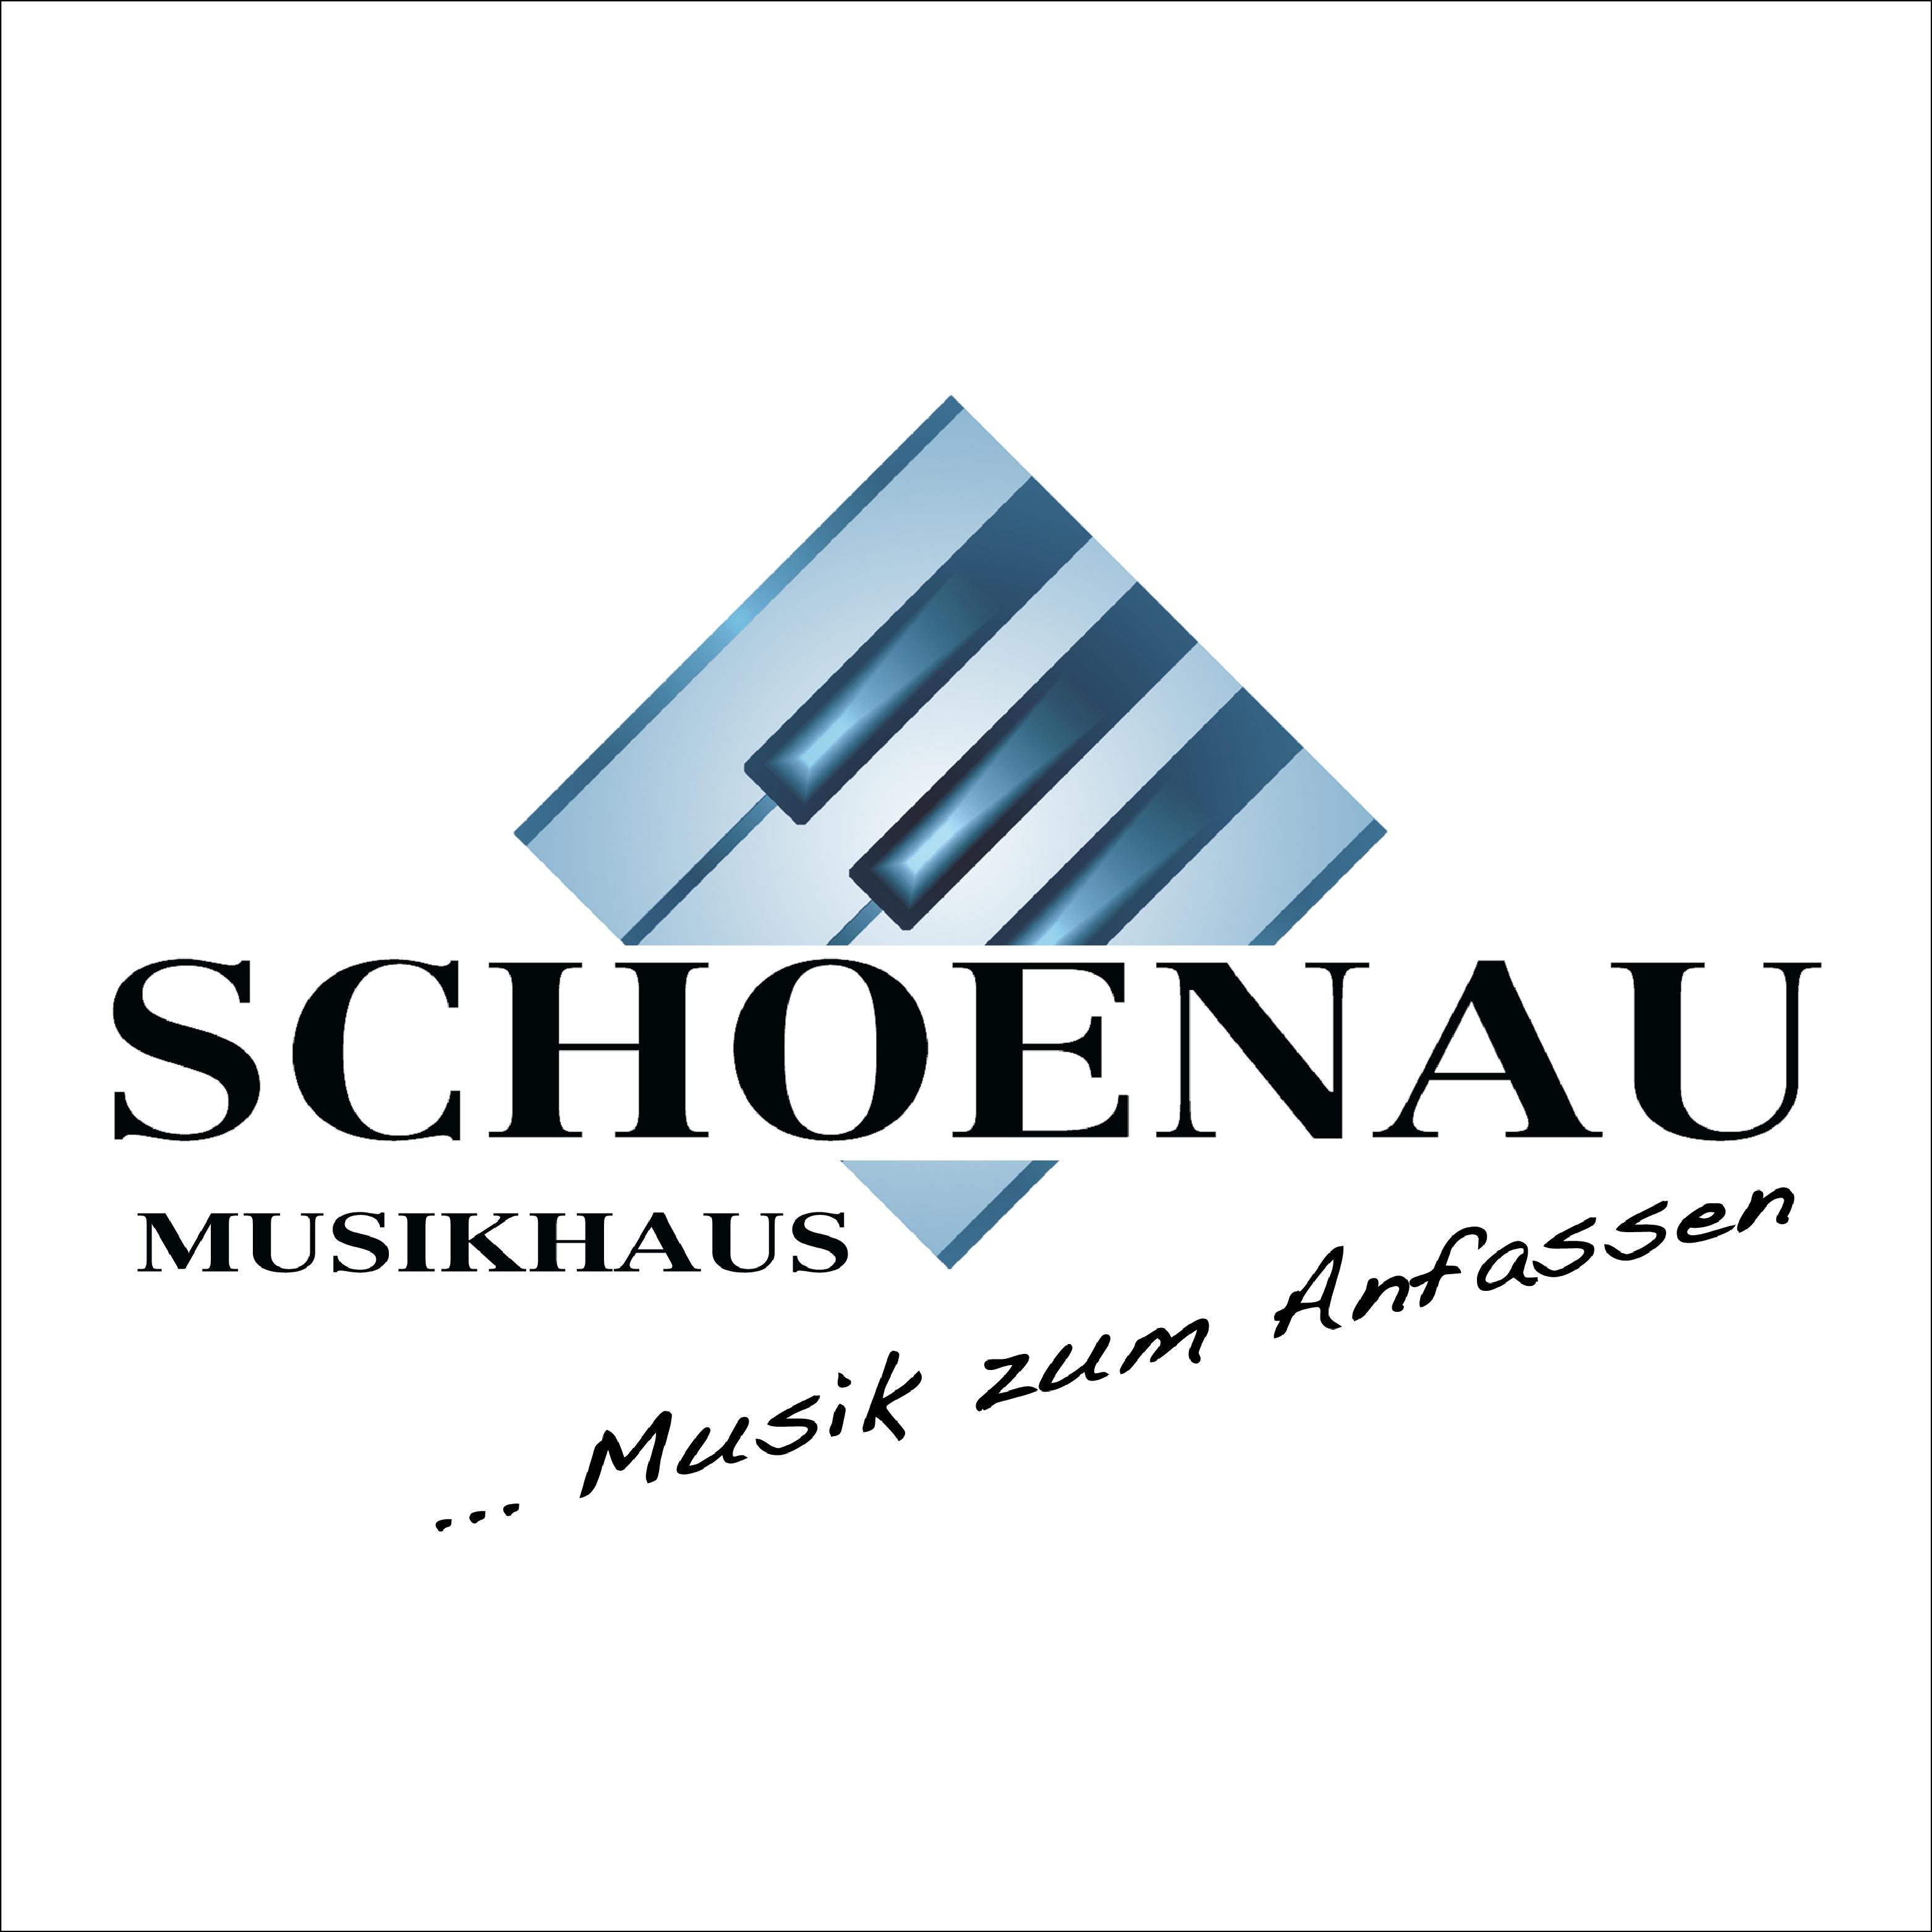 Musikhaus schoenau gie en kontaktieren for Musik hause